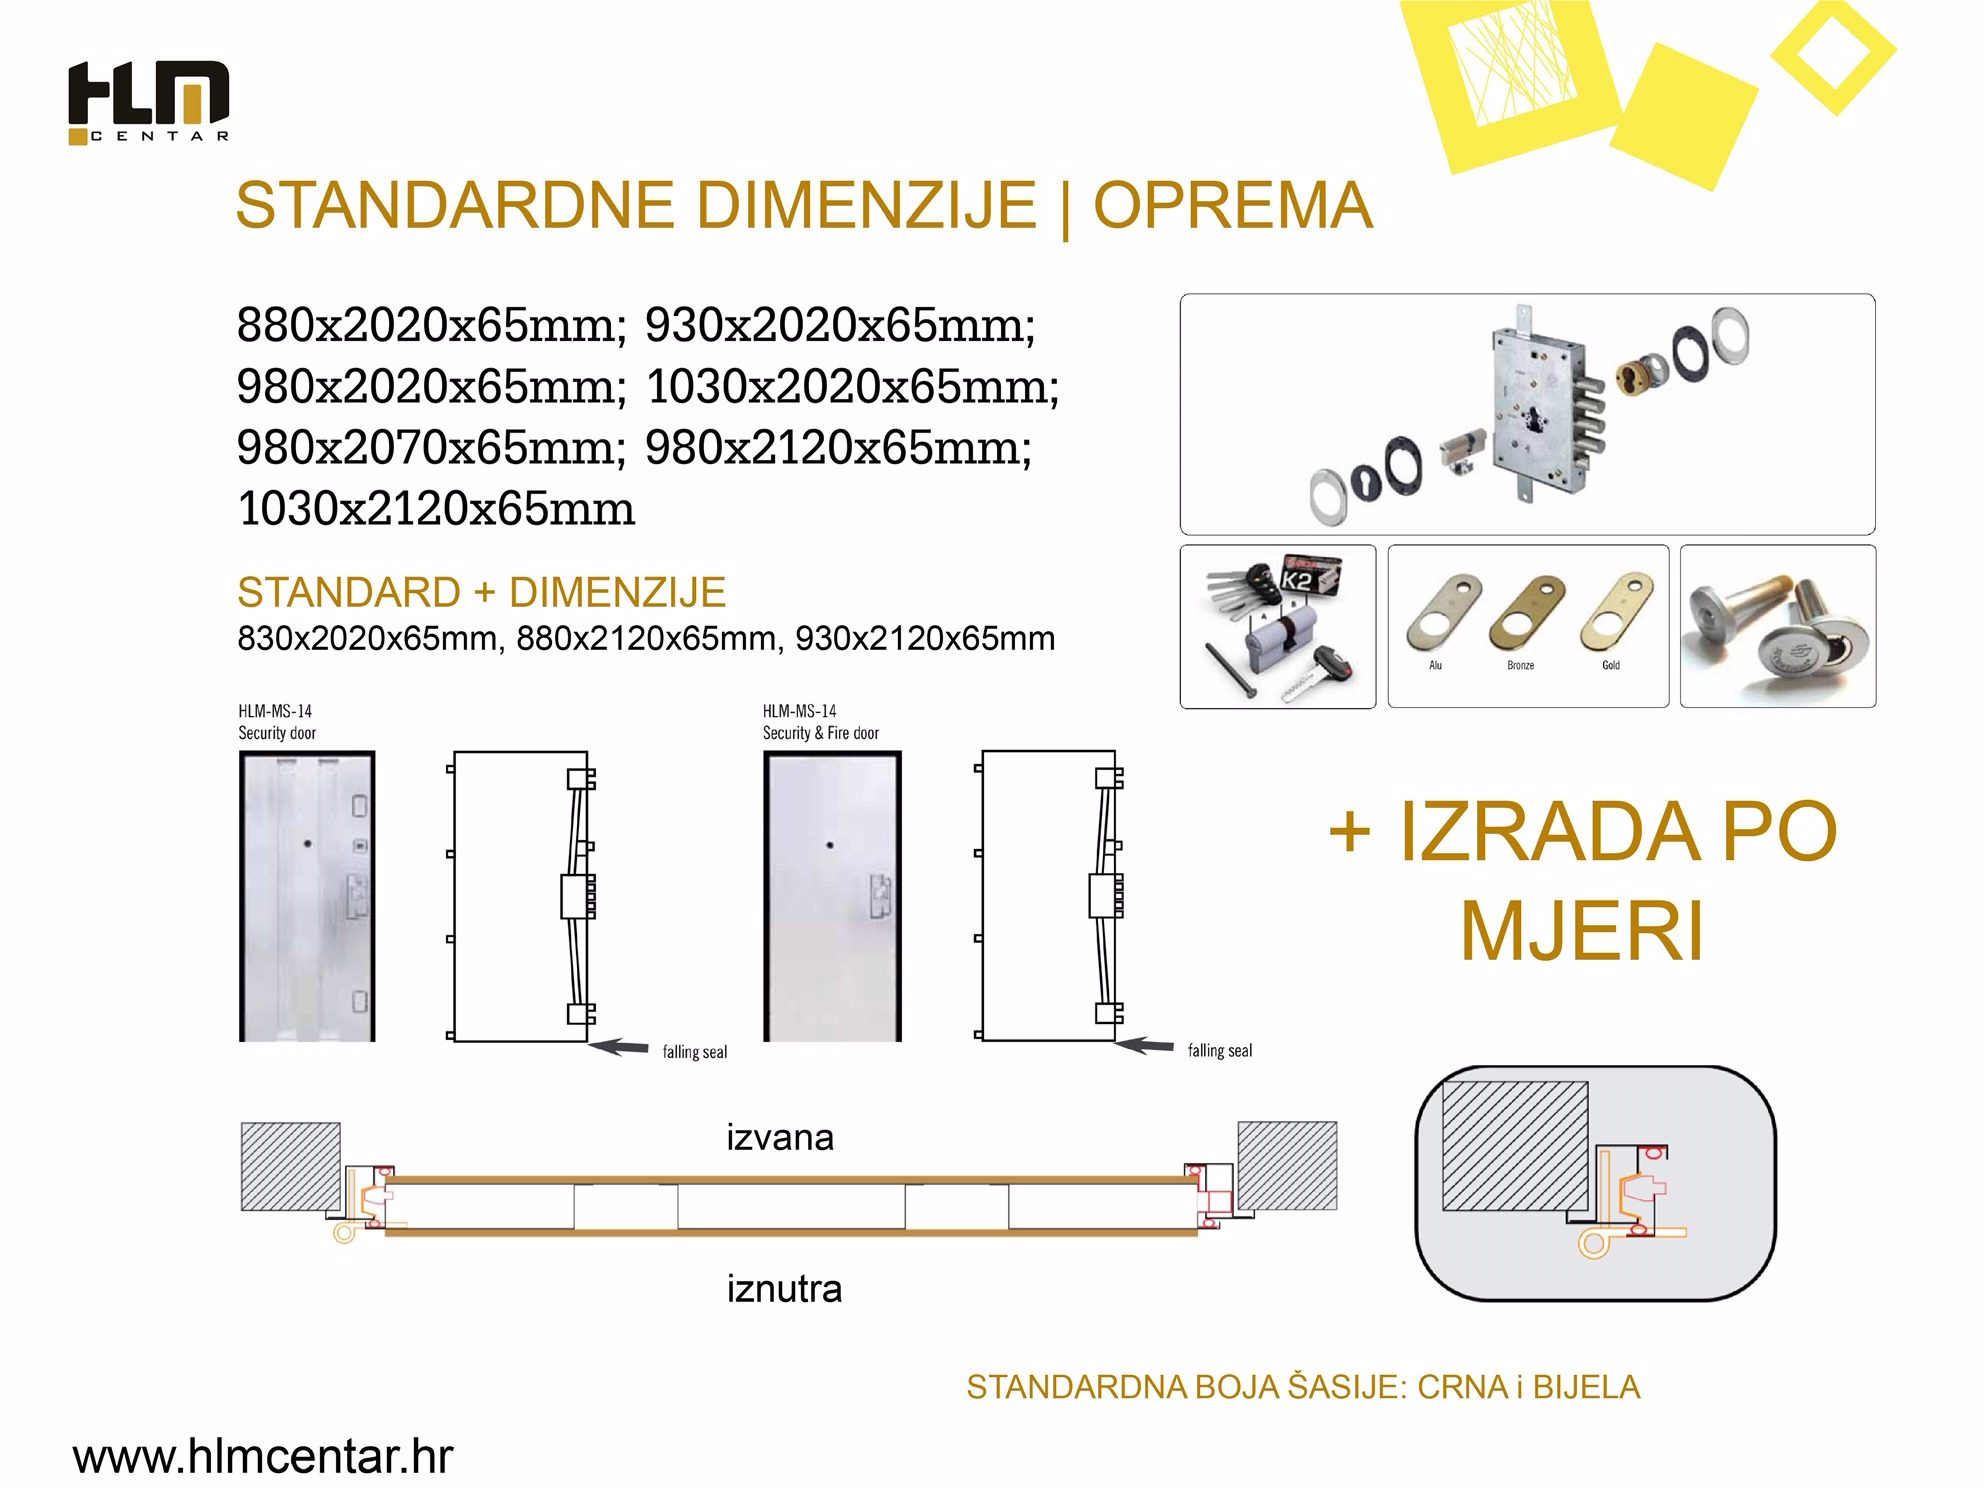 Standardne dimenzije i oprema